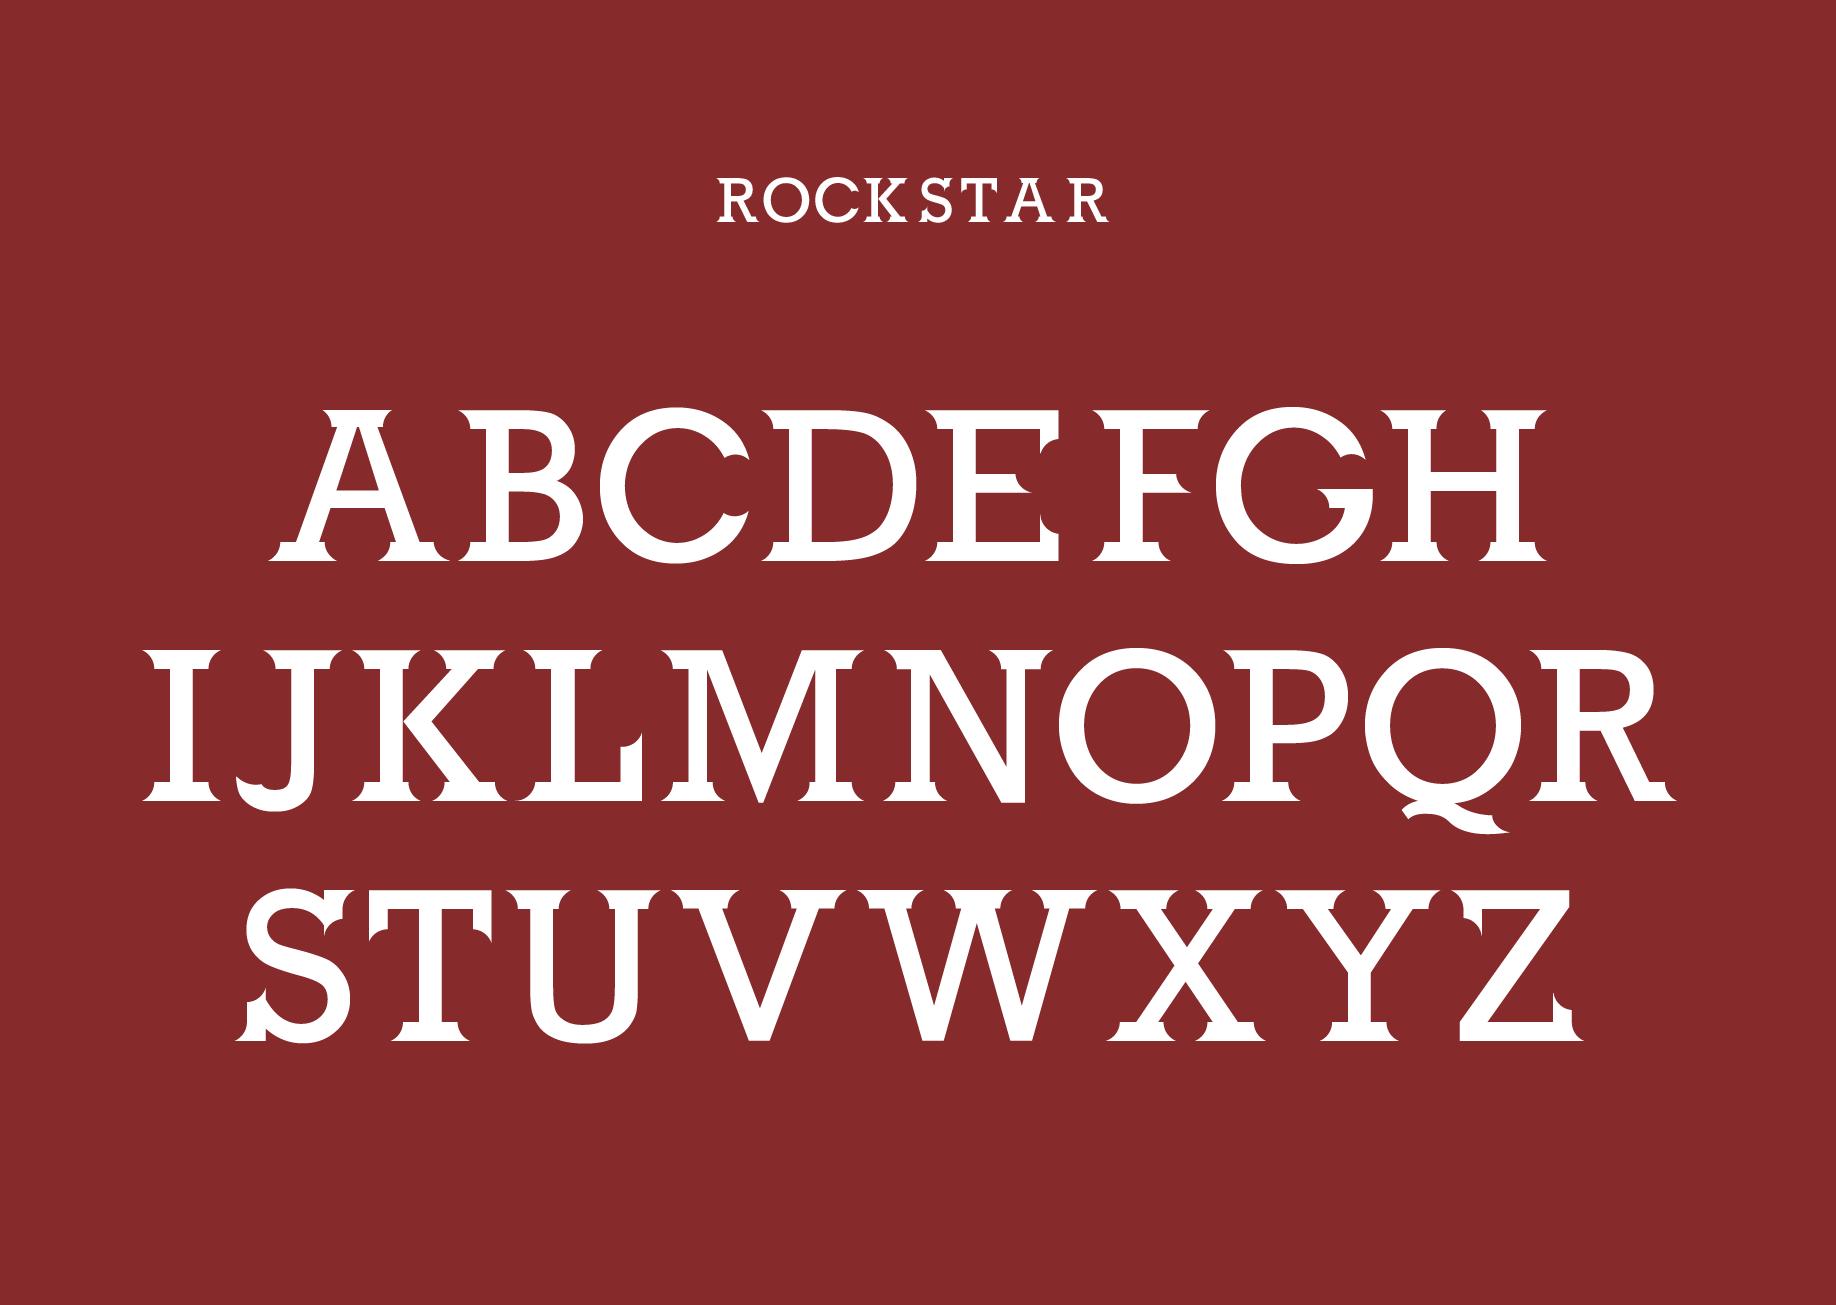 Rockstar-Specimen